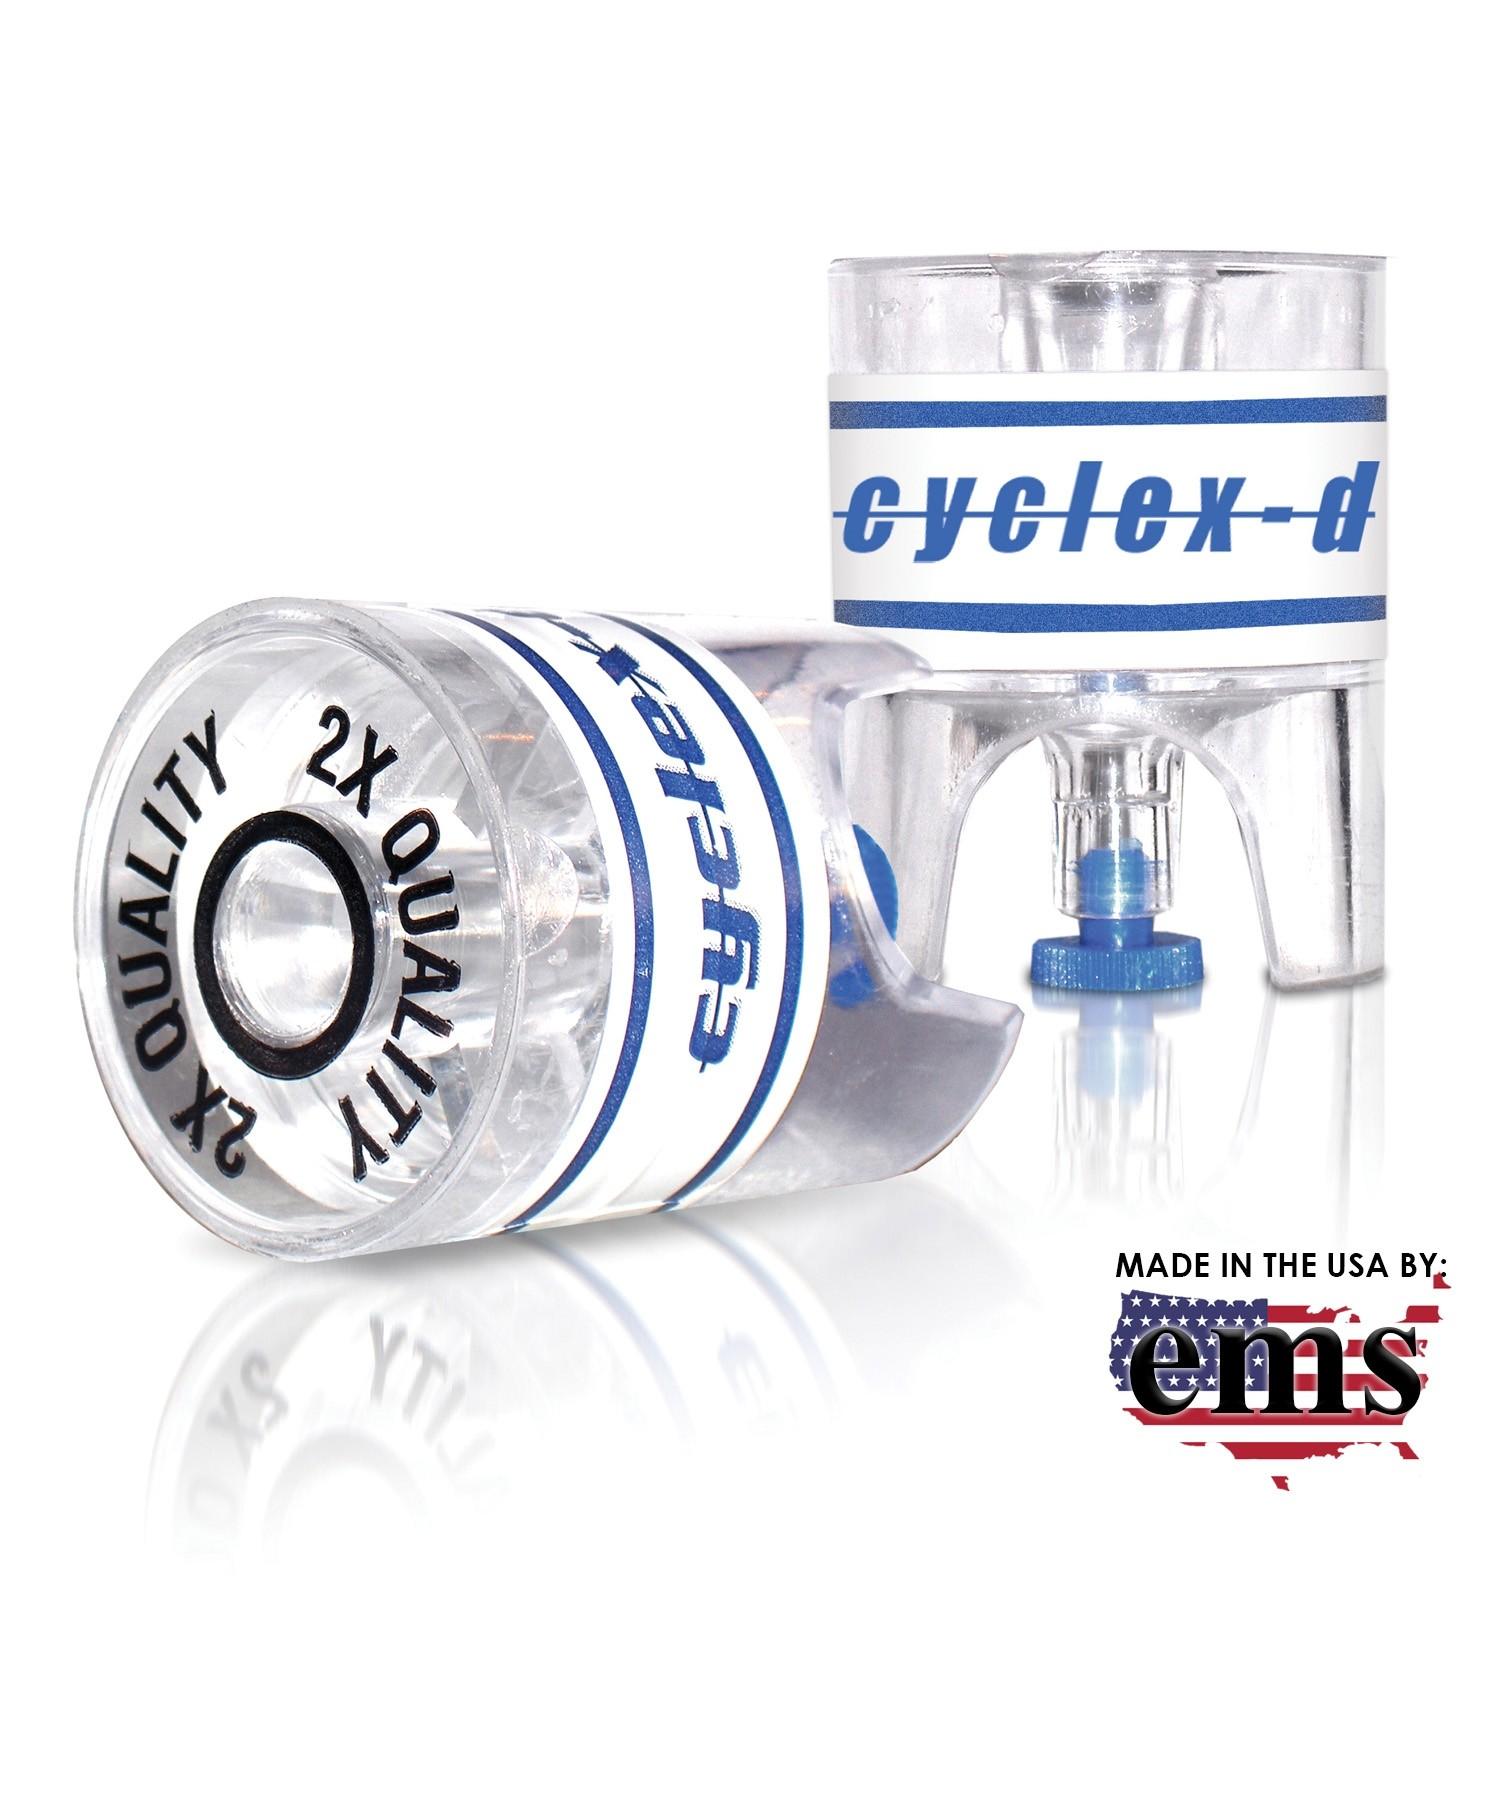 cyclex-d Cassettes, 10-pack